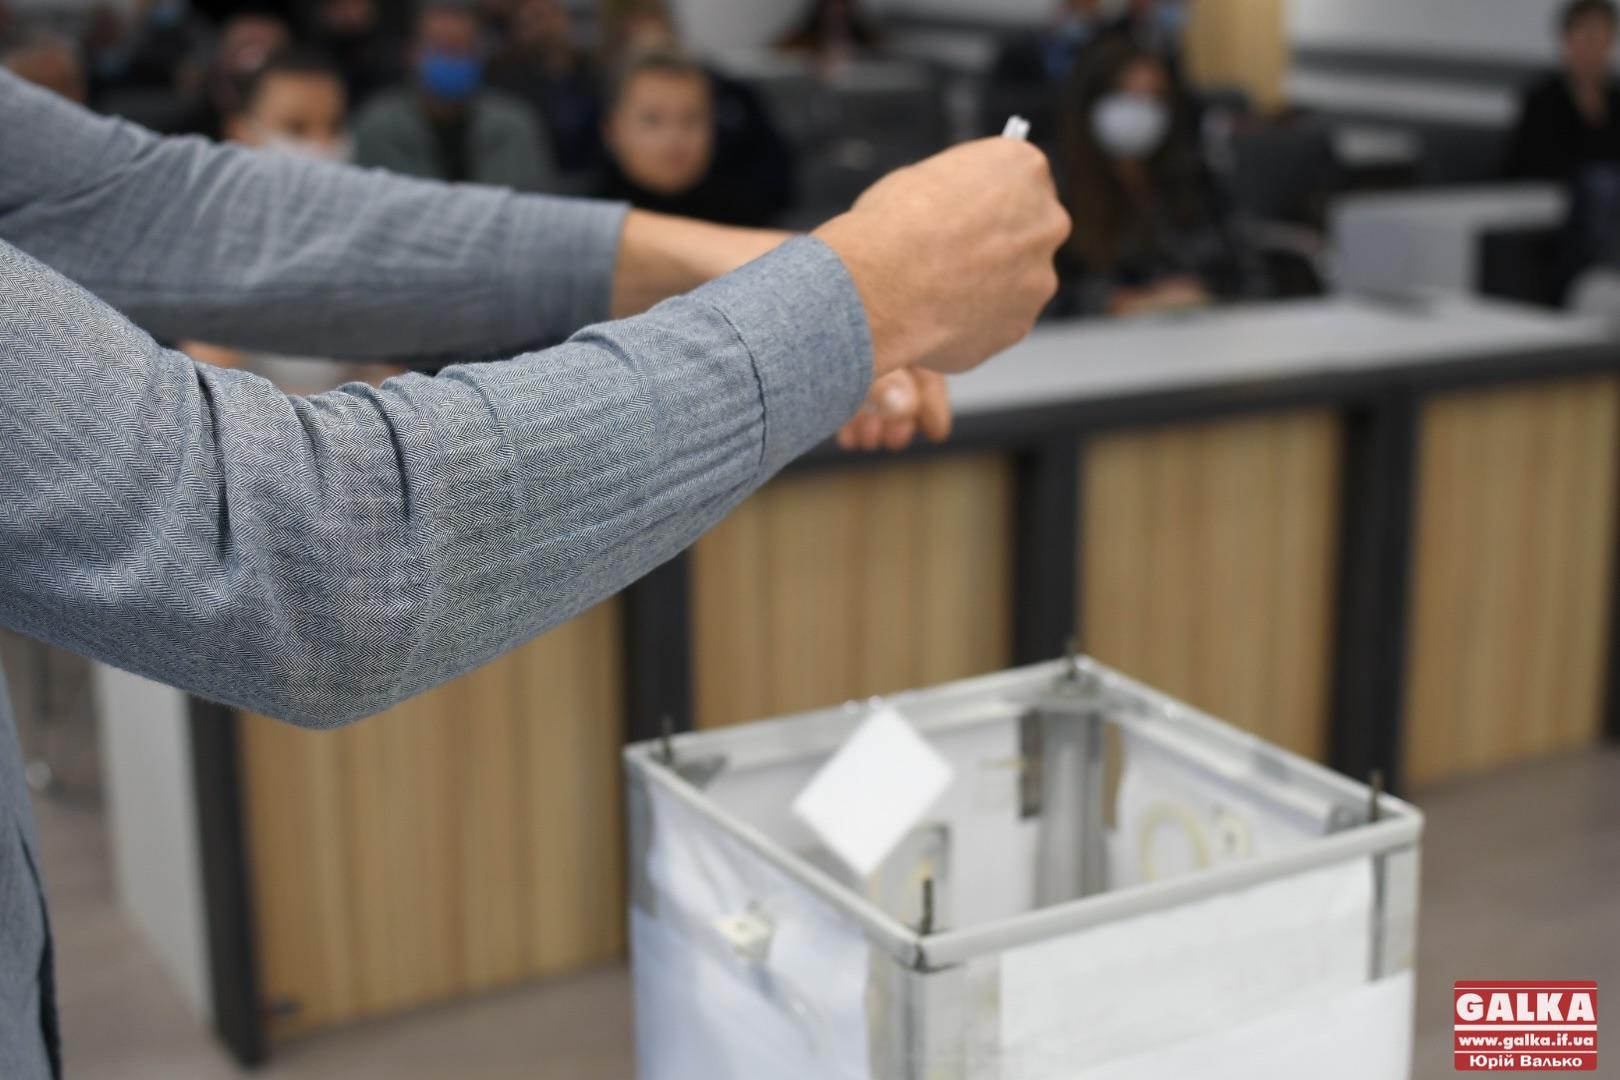 Методом жеребу: партії розіграли місця у бюлетені на виборах до міської ради (ФОТО)